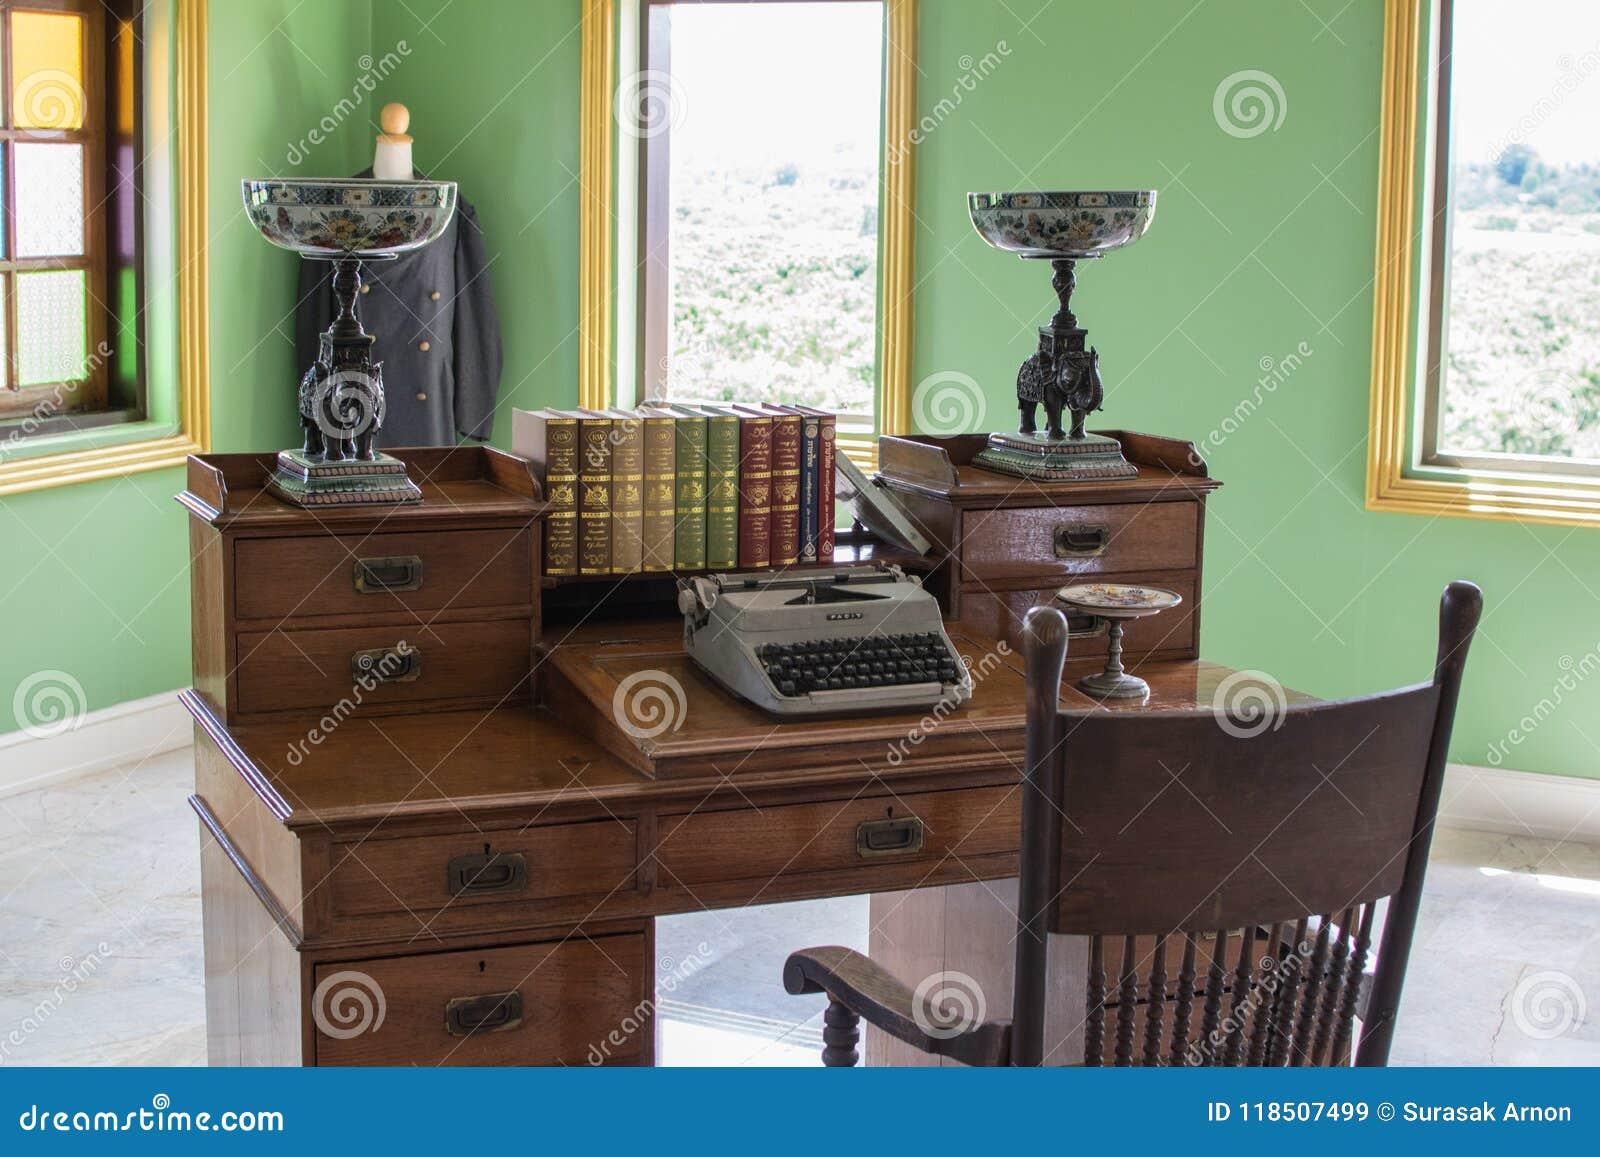 Το γραφείο στις παλιές ημέρες Η παλαιά γραφομηχανή και τα βιβλία είναι μέσα